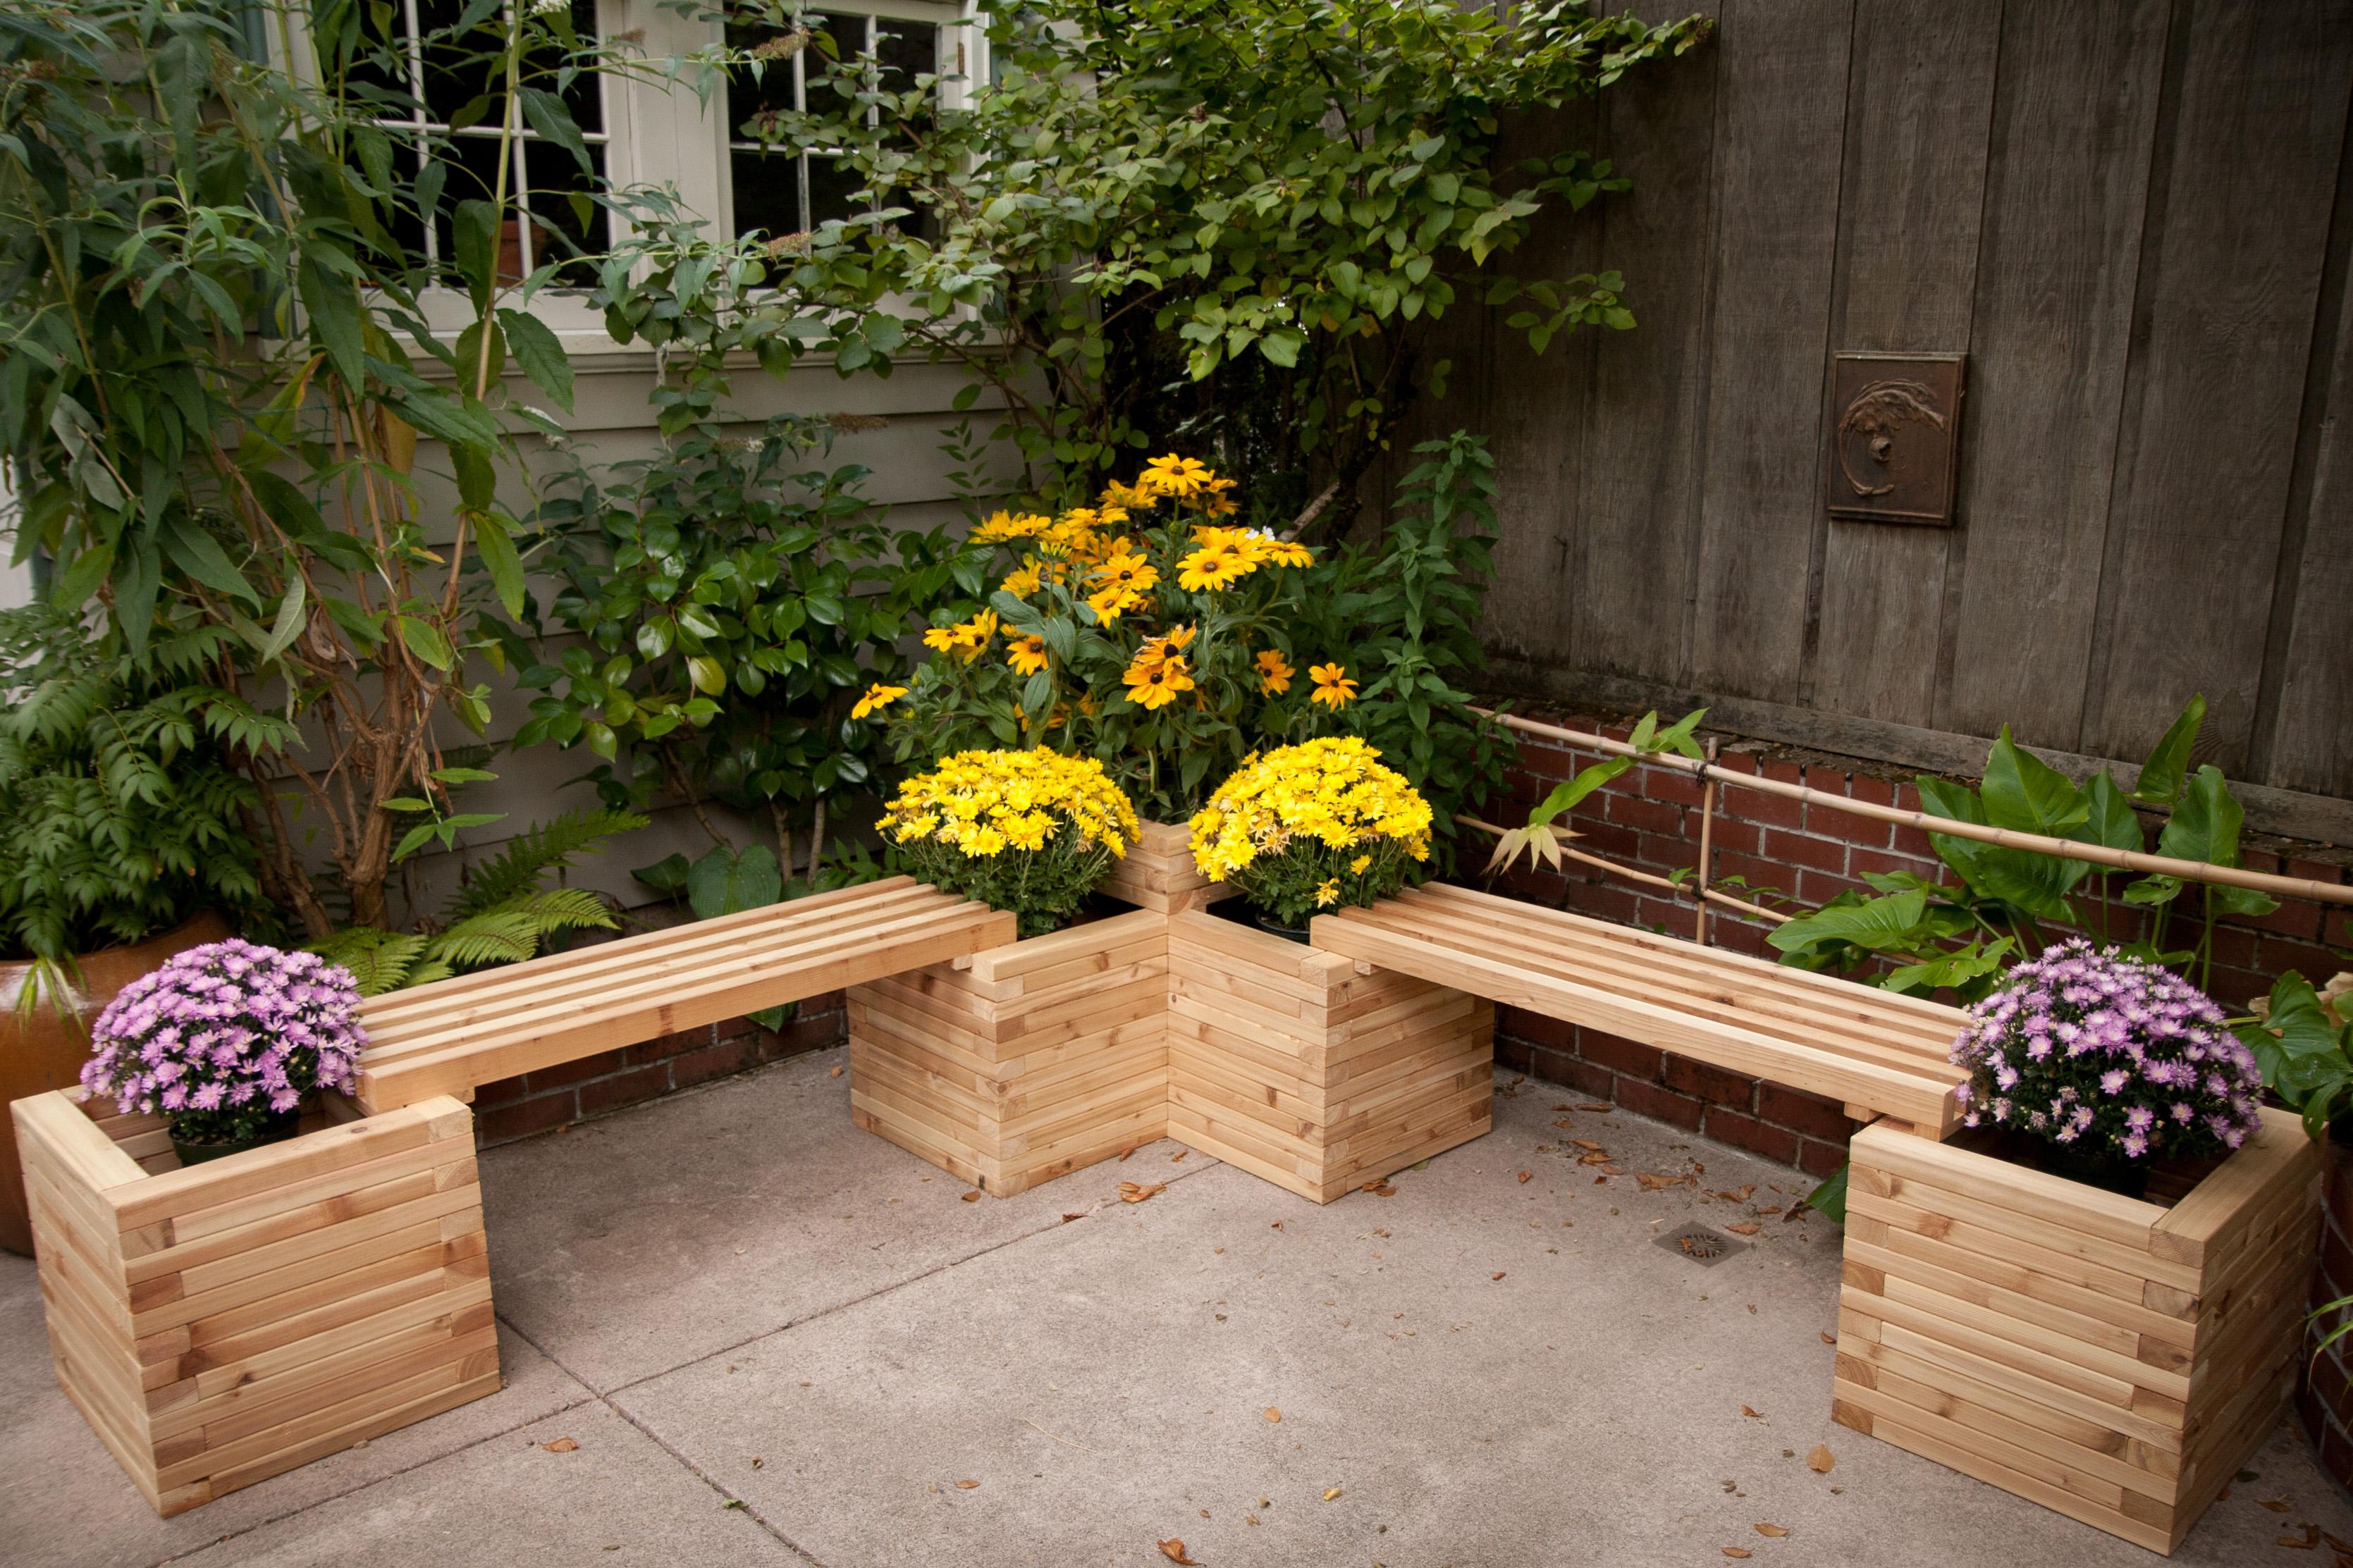 garden benches | the chicken gardener KIHUKGJ